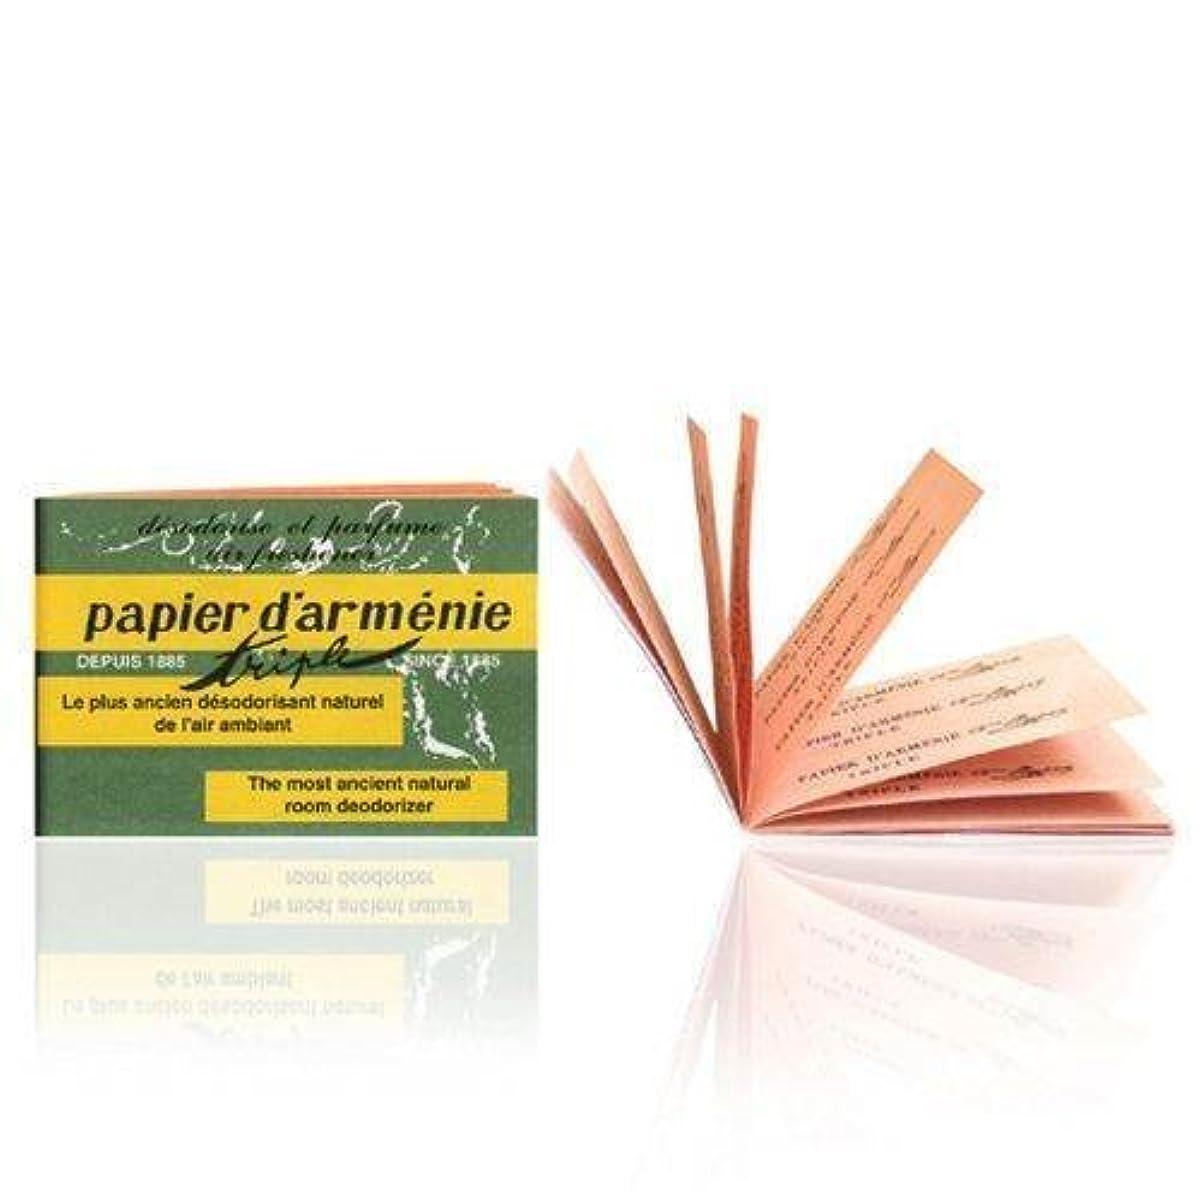 入手します争い看板Papier d'Arménie パピエダルメニイ トリプル 紙のお香 フランス直送 3個セット [並行輸入品]